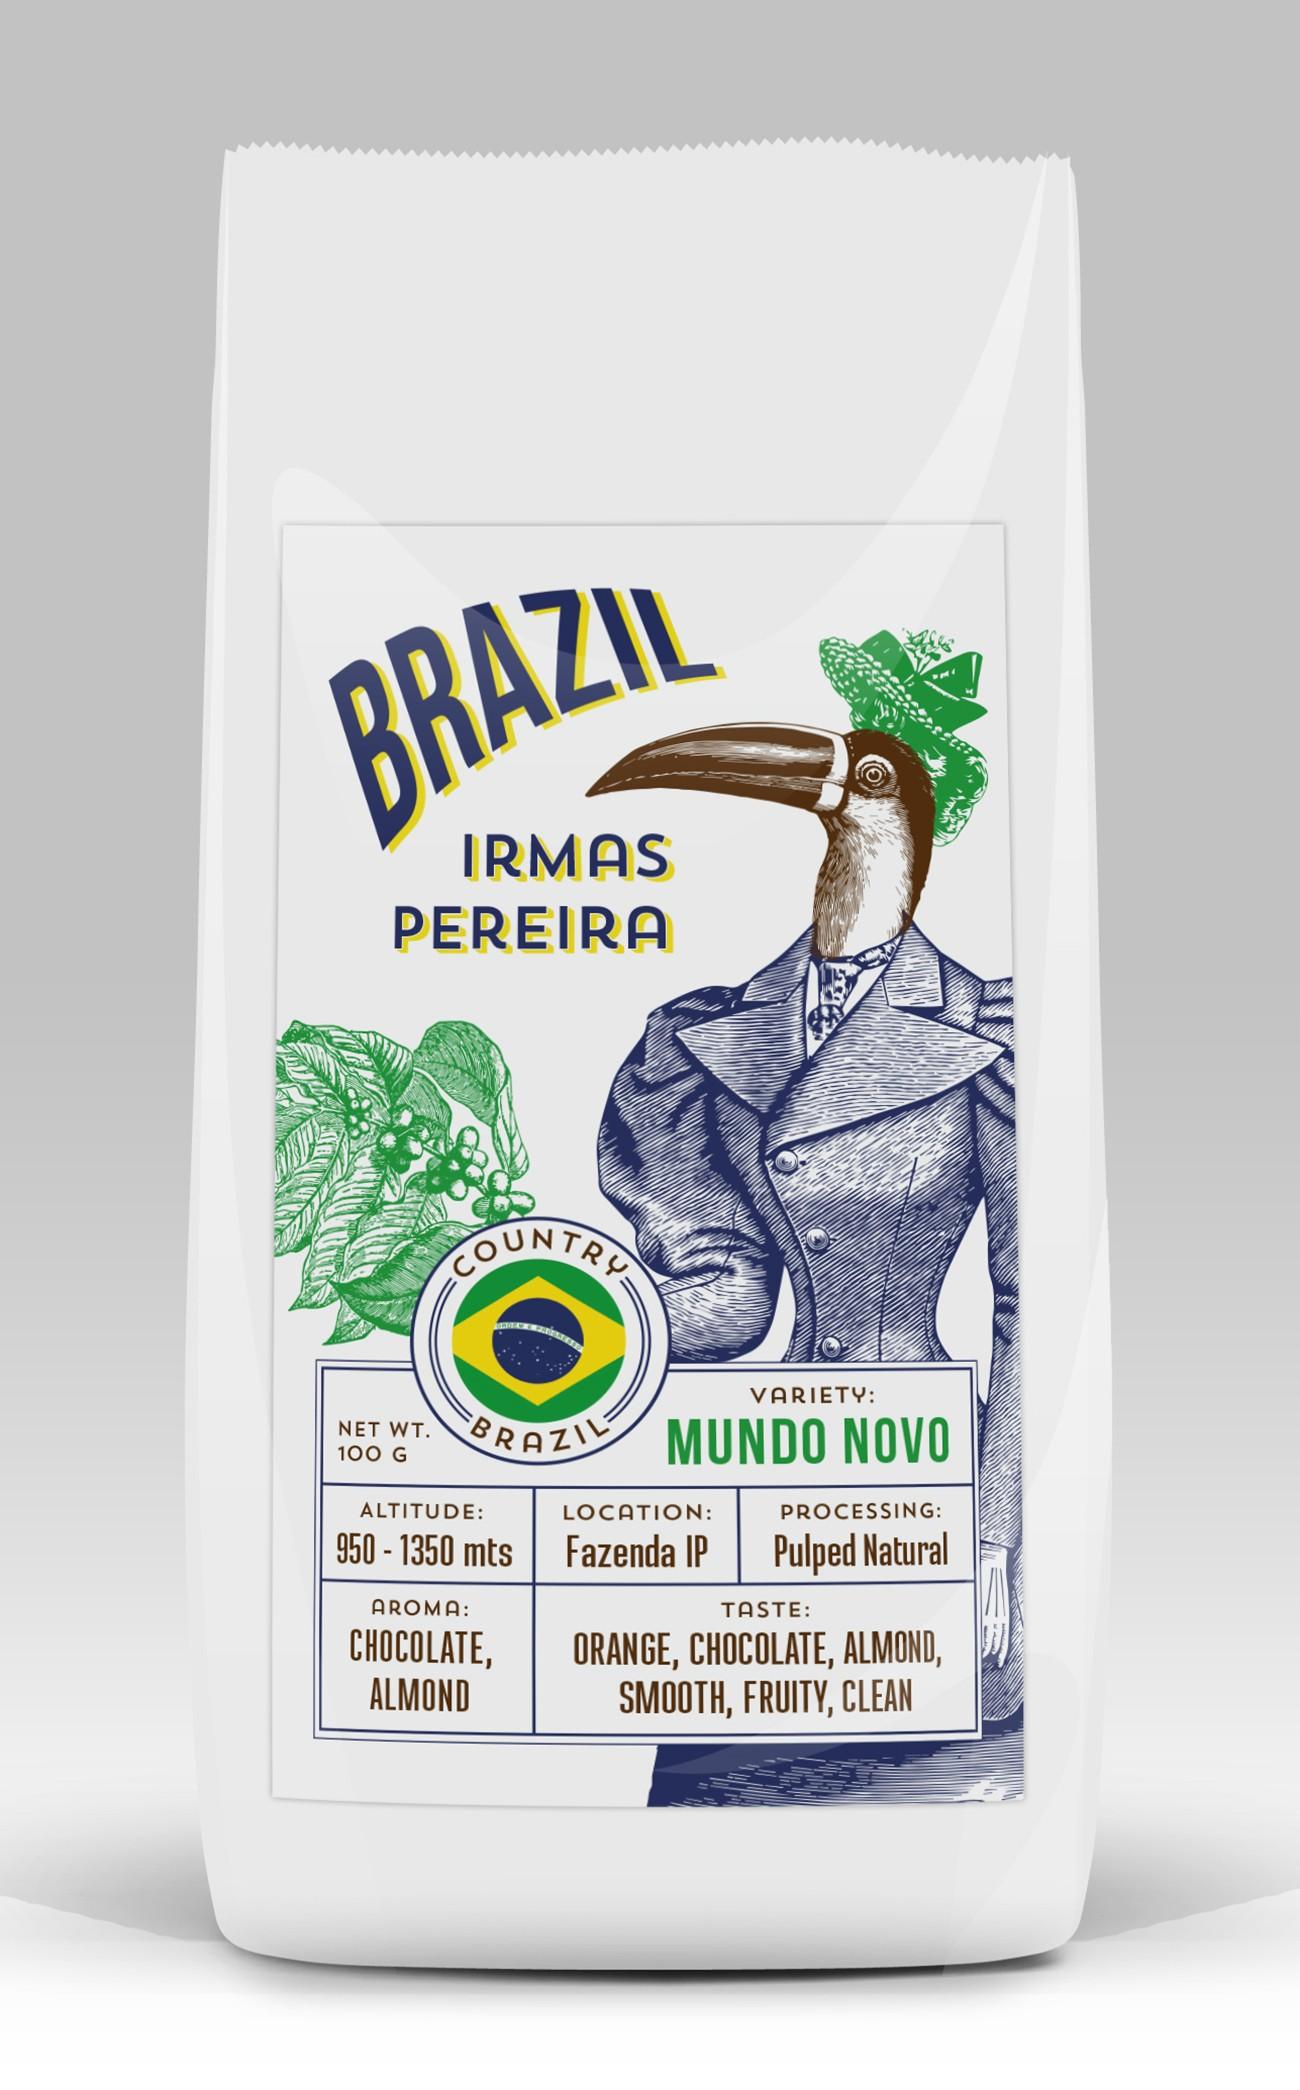 Xu hướng thiết kế bao bì 2020 ví dụ: Nhãn hiệu cà phê Brazil biến chất